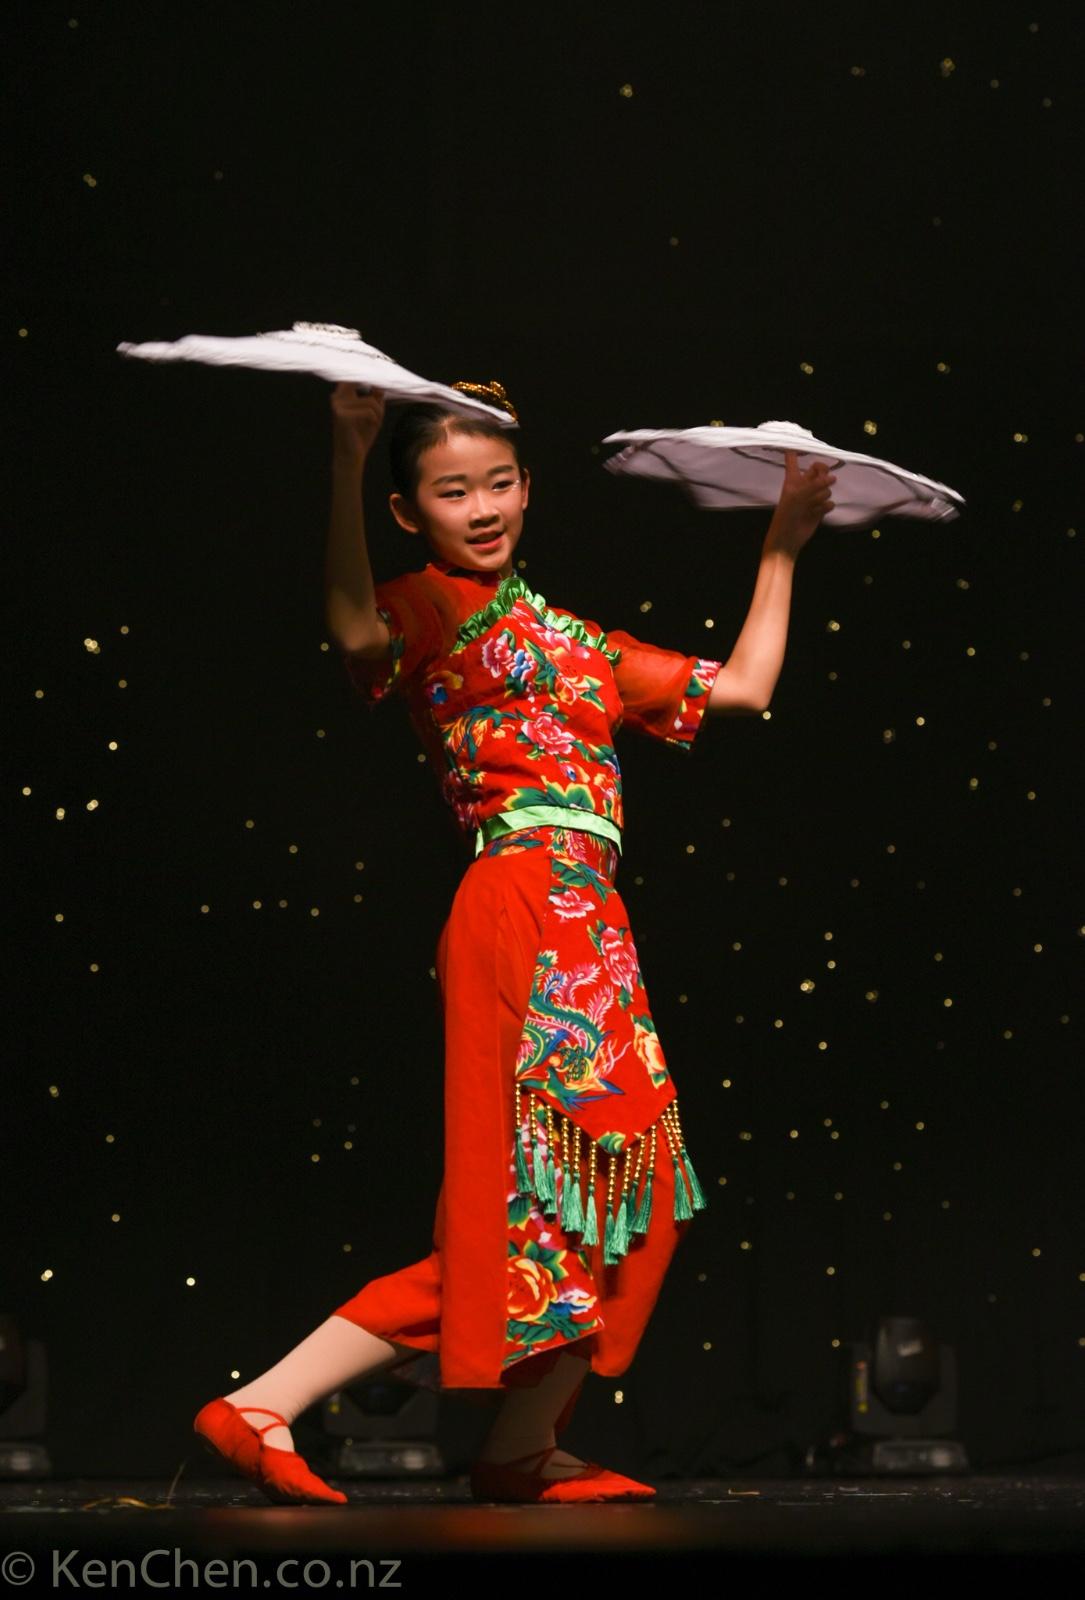 第四届2019新西兰多元化专业舞蹈交流晚会_kenchen.co.nz_9354.jpg